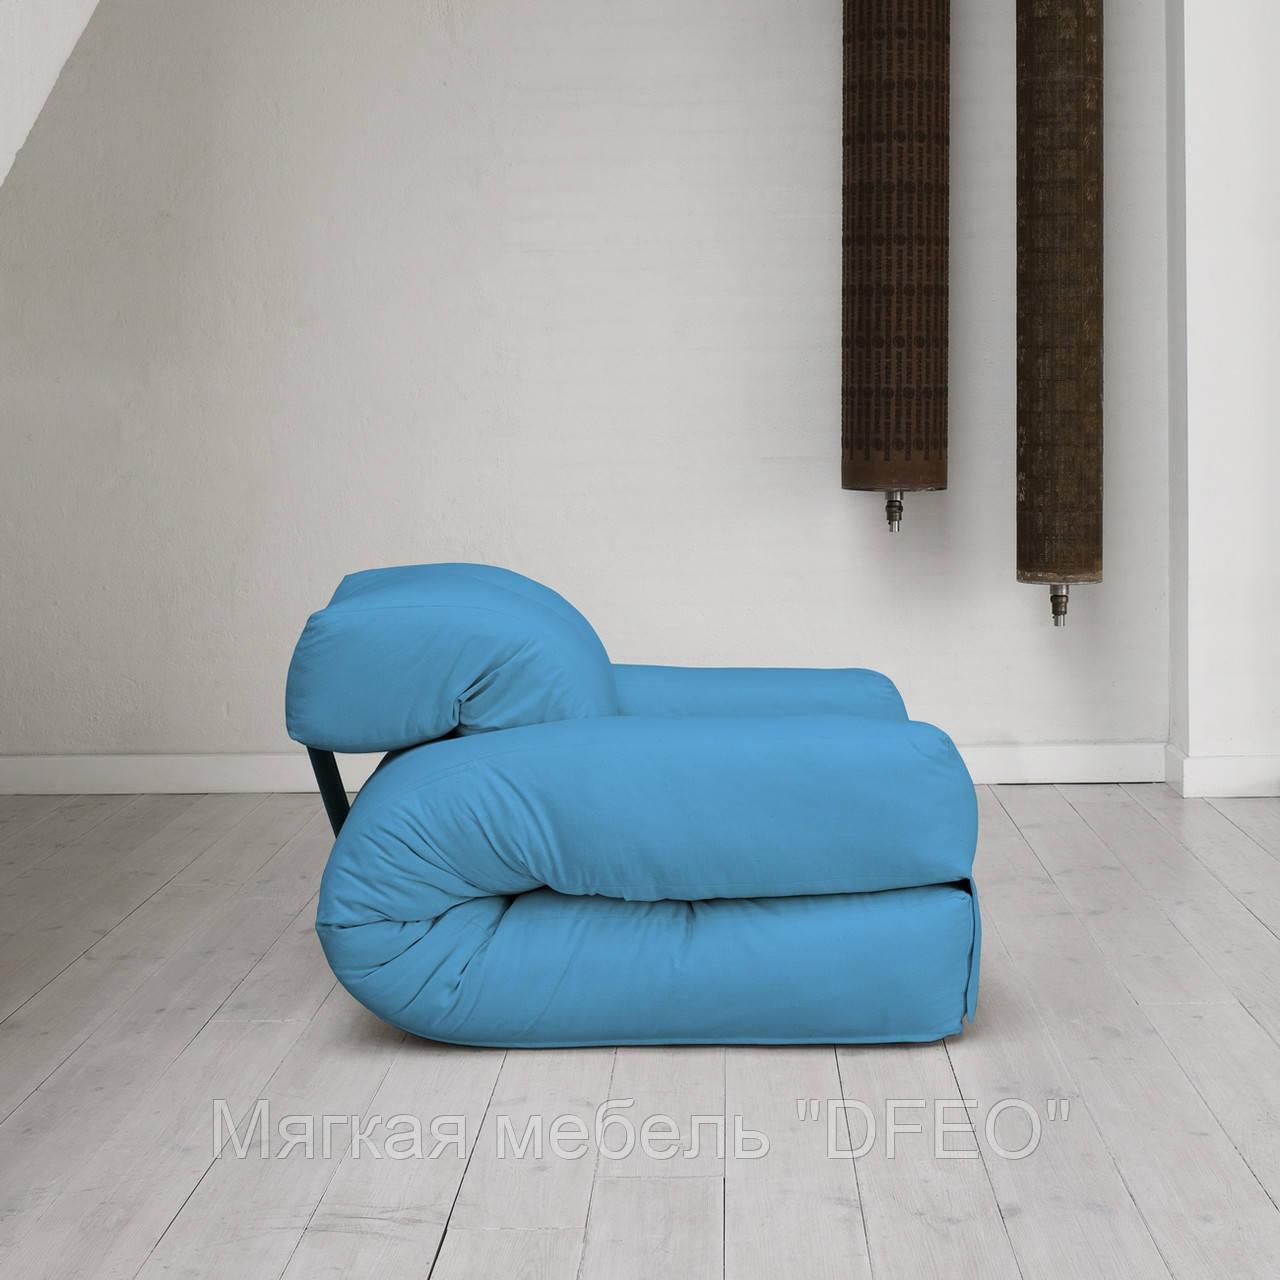 Кресло голубого цвета